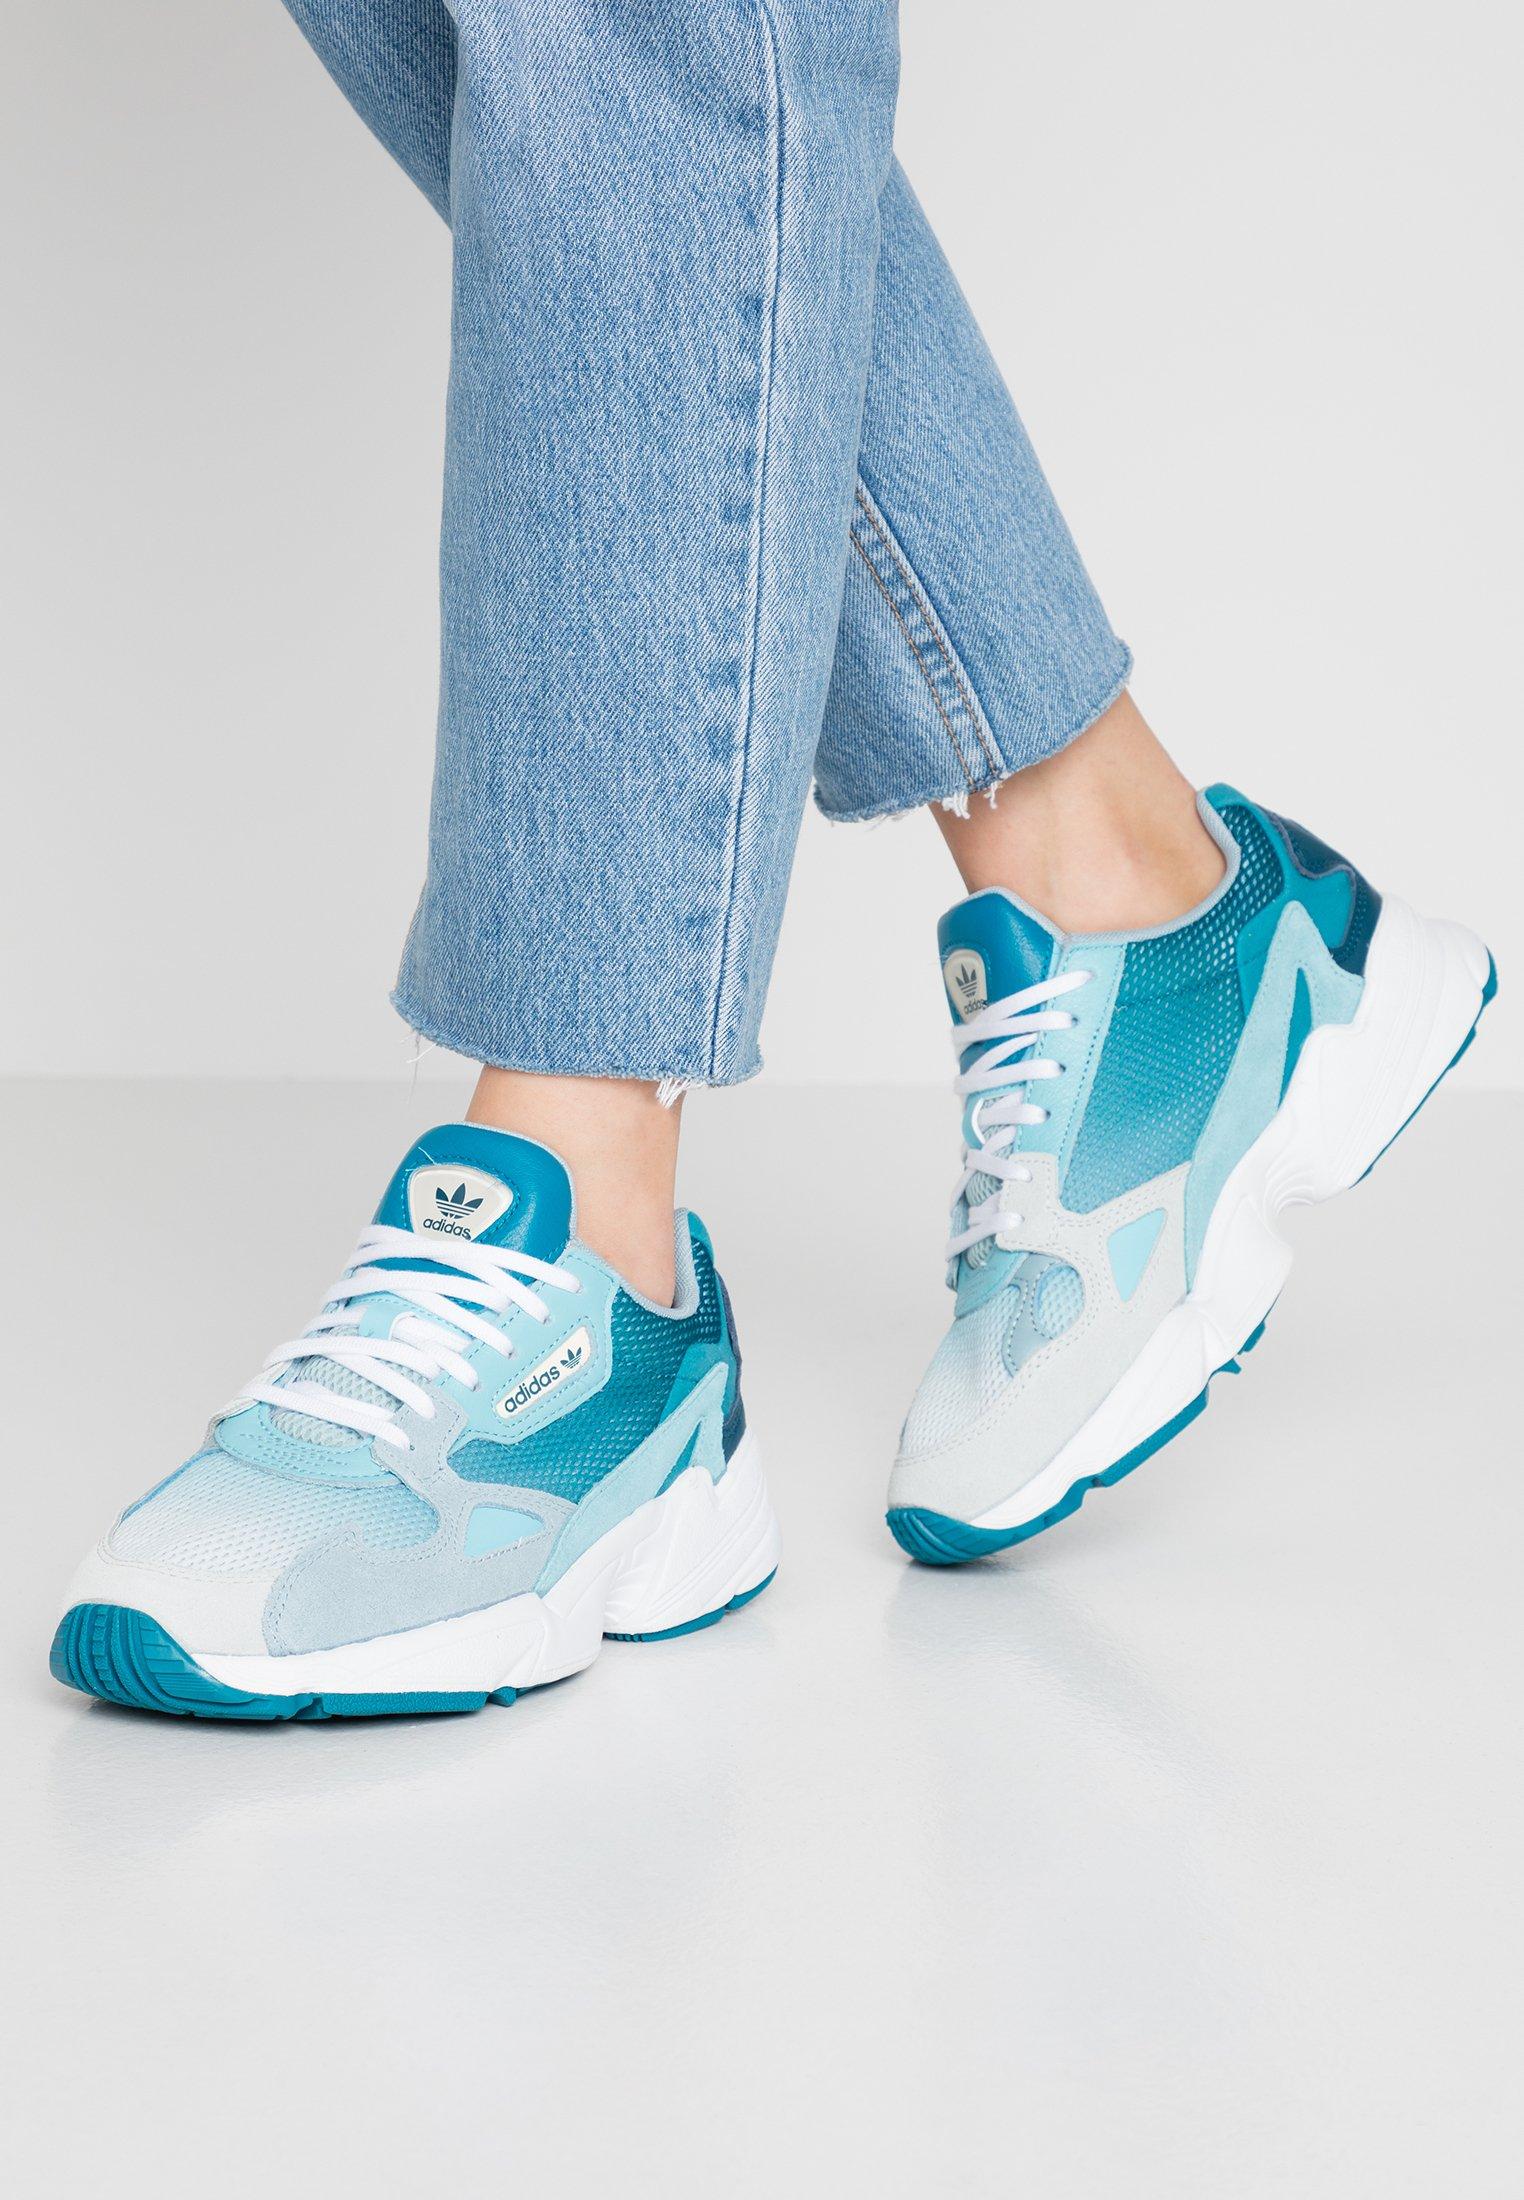 Adidas Originals Falcon - Trainers Blue Tint/light Aqua/ash Grey